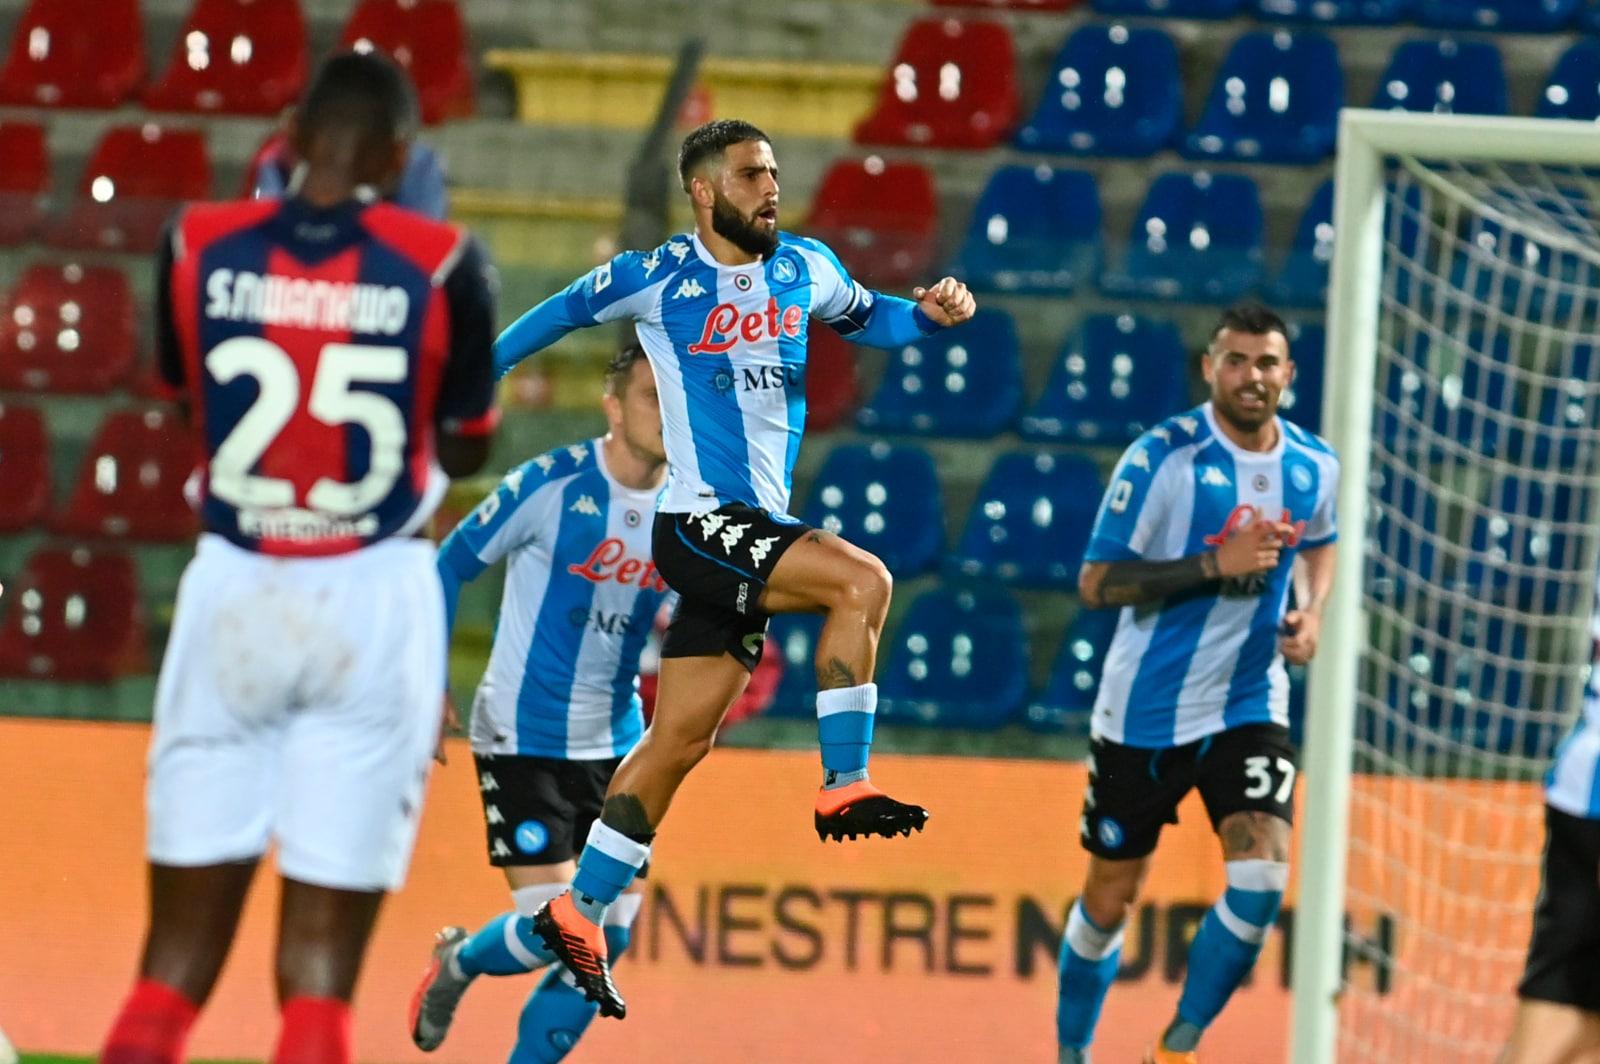 Insigne trascina il Napoli: gol e assist per Lozano. Poker al Crotone